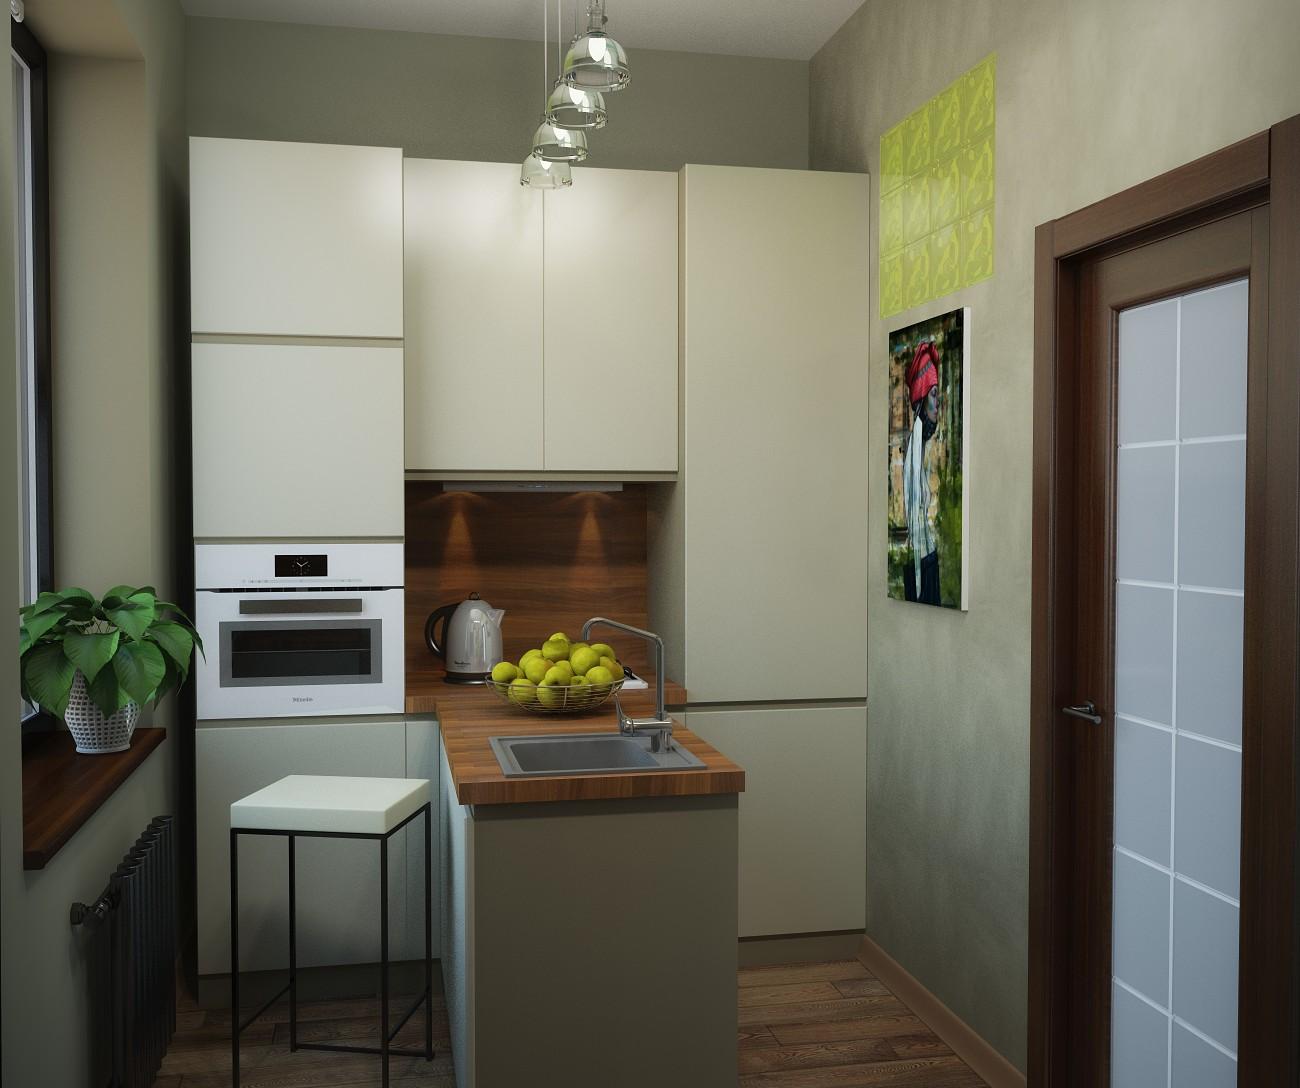 Дизайн кухни в сталинке - оно.